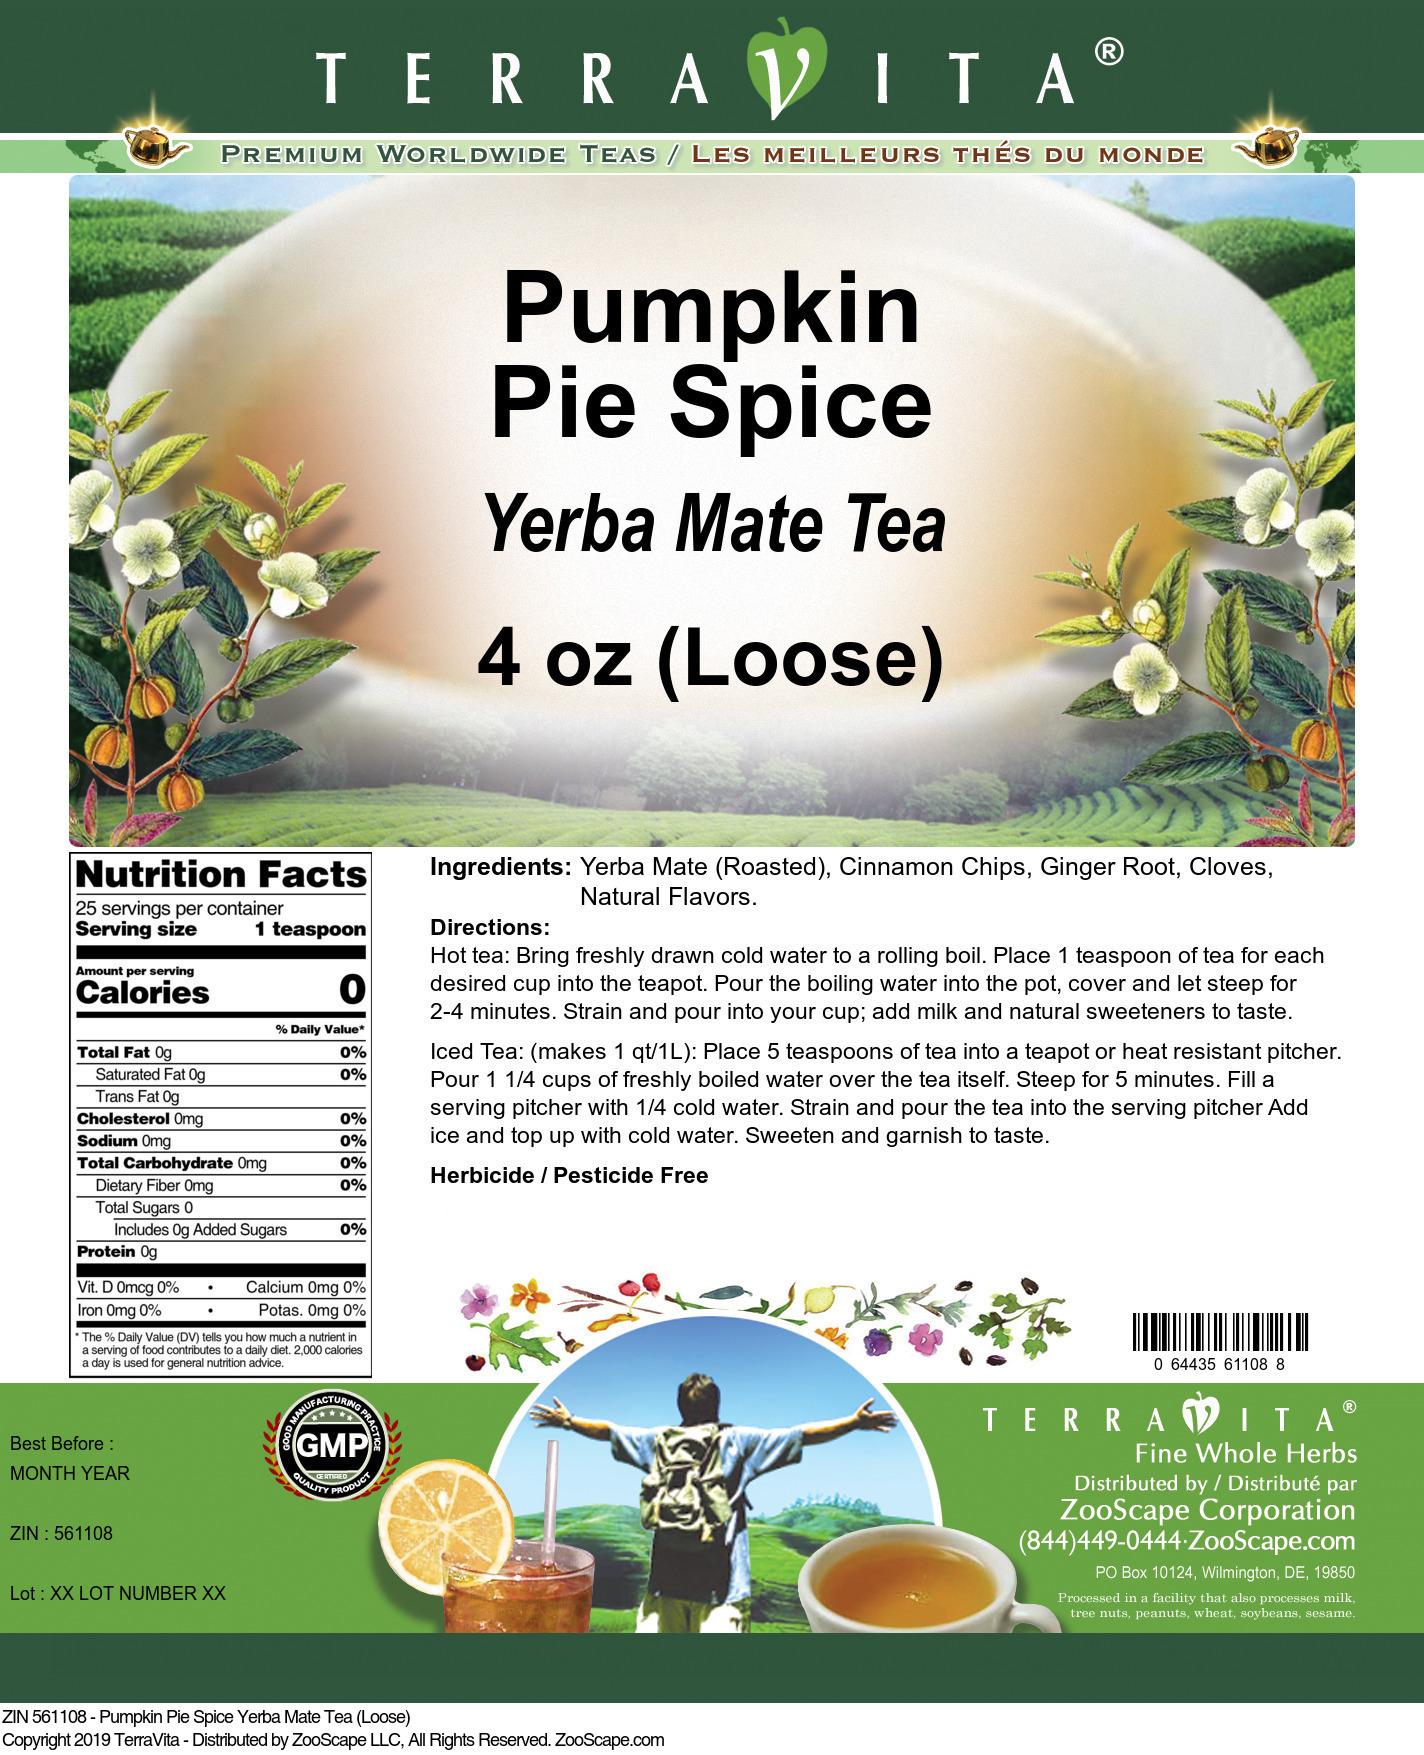 Pumpkin Pie Spice Yerba Mate Tea (Loose)